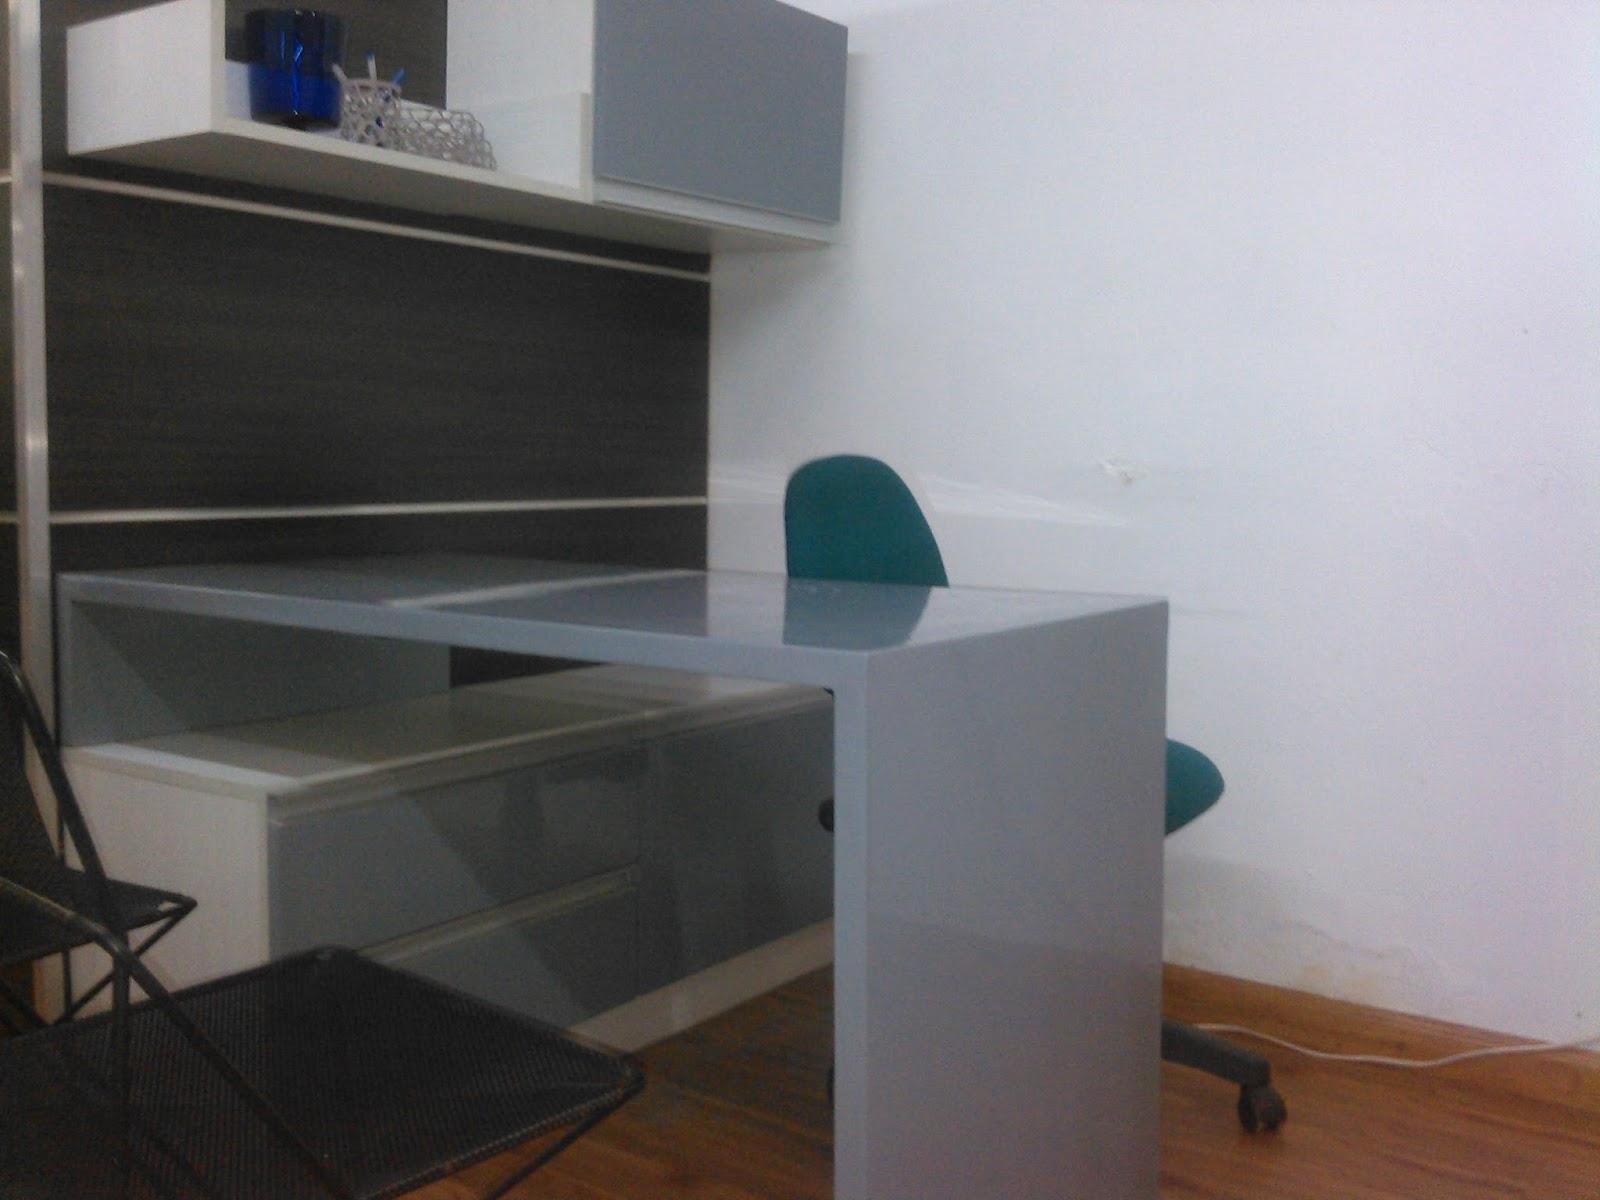 Sillas de oficina valencia zoom with sillas de oficina for Muebles de oficina valencia